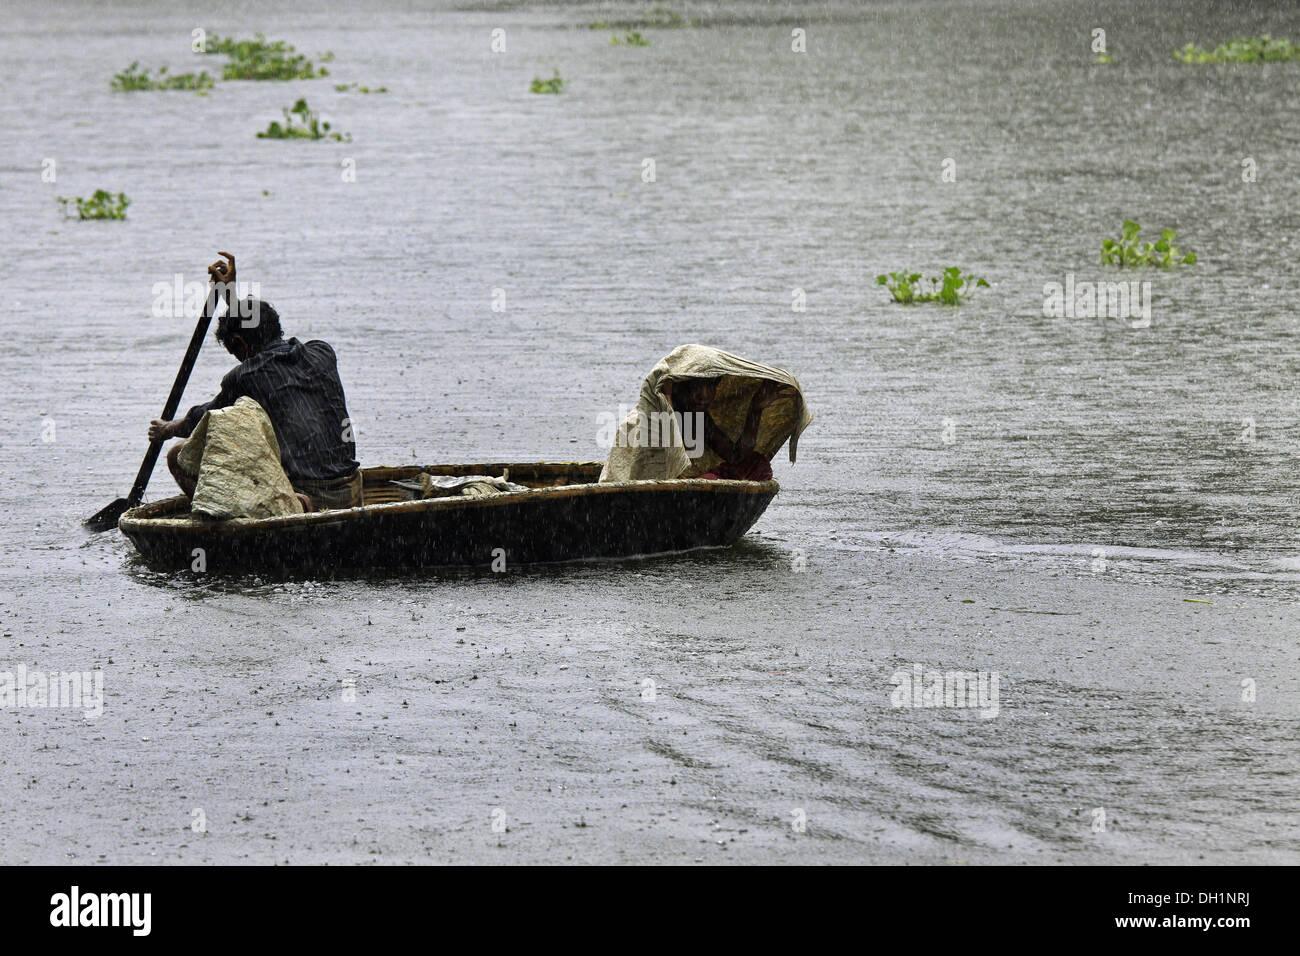 Hombre remando remando ronda circular barco punnamada lago Alleppey Kerala, India Imagen De Stock